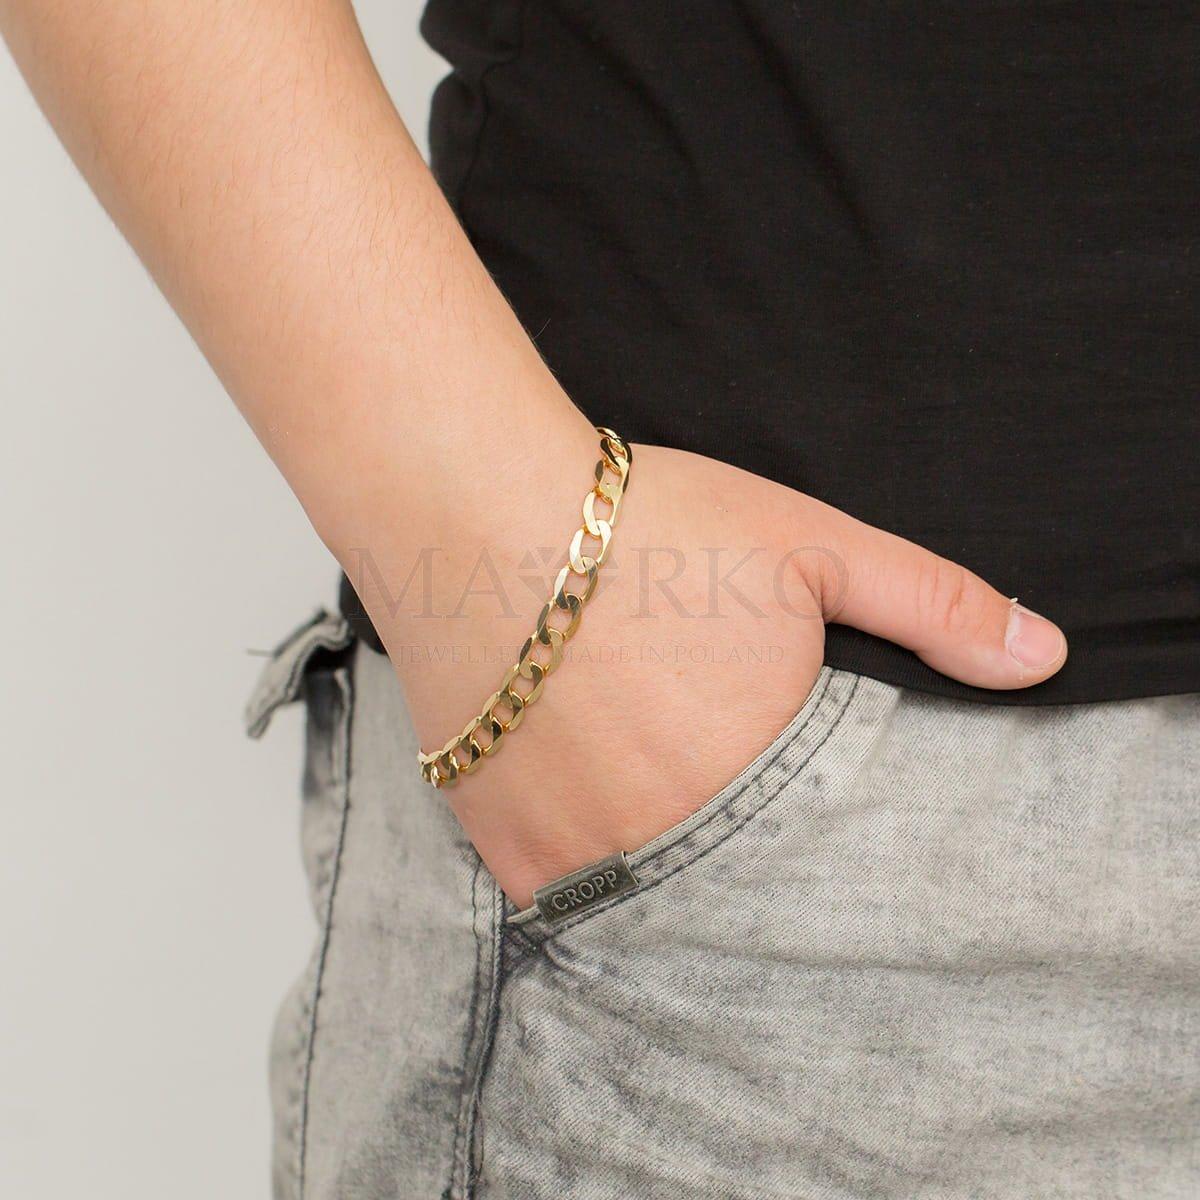 bransoletka złota na ręku